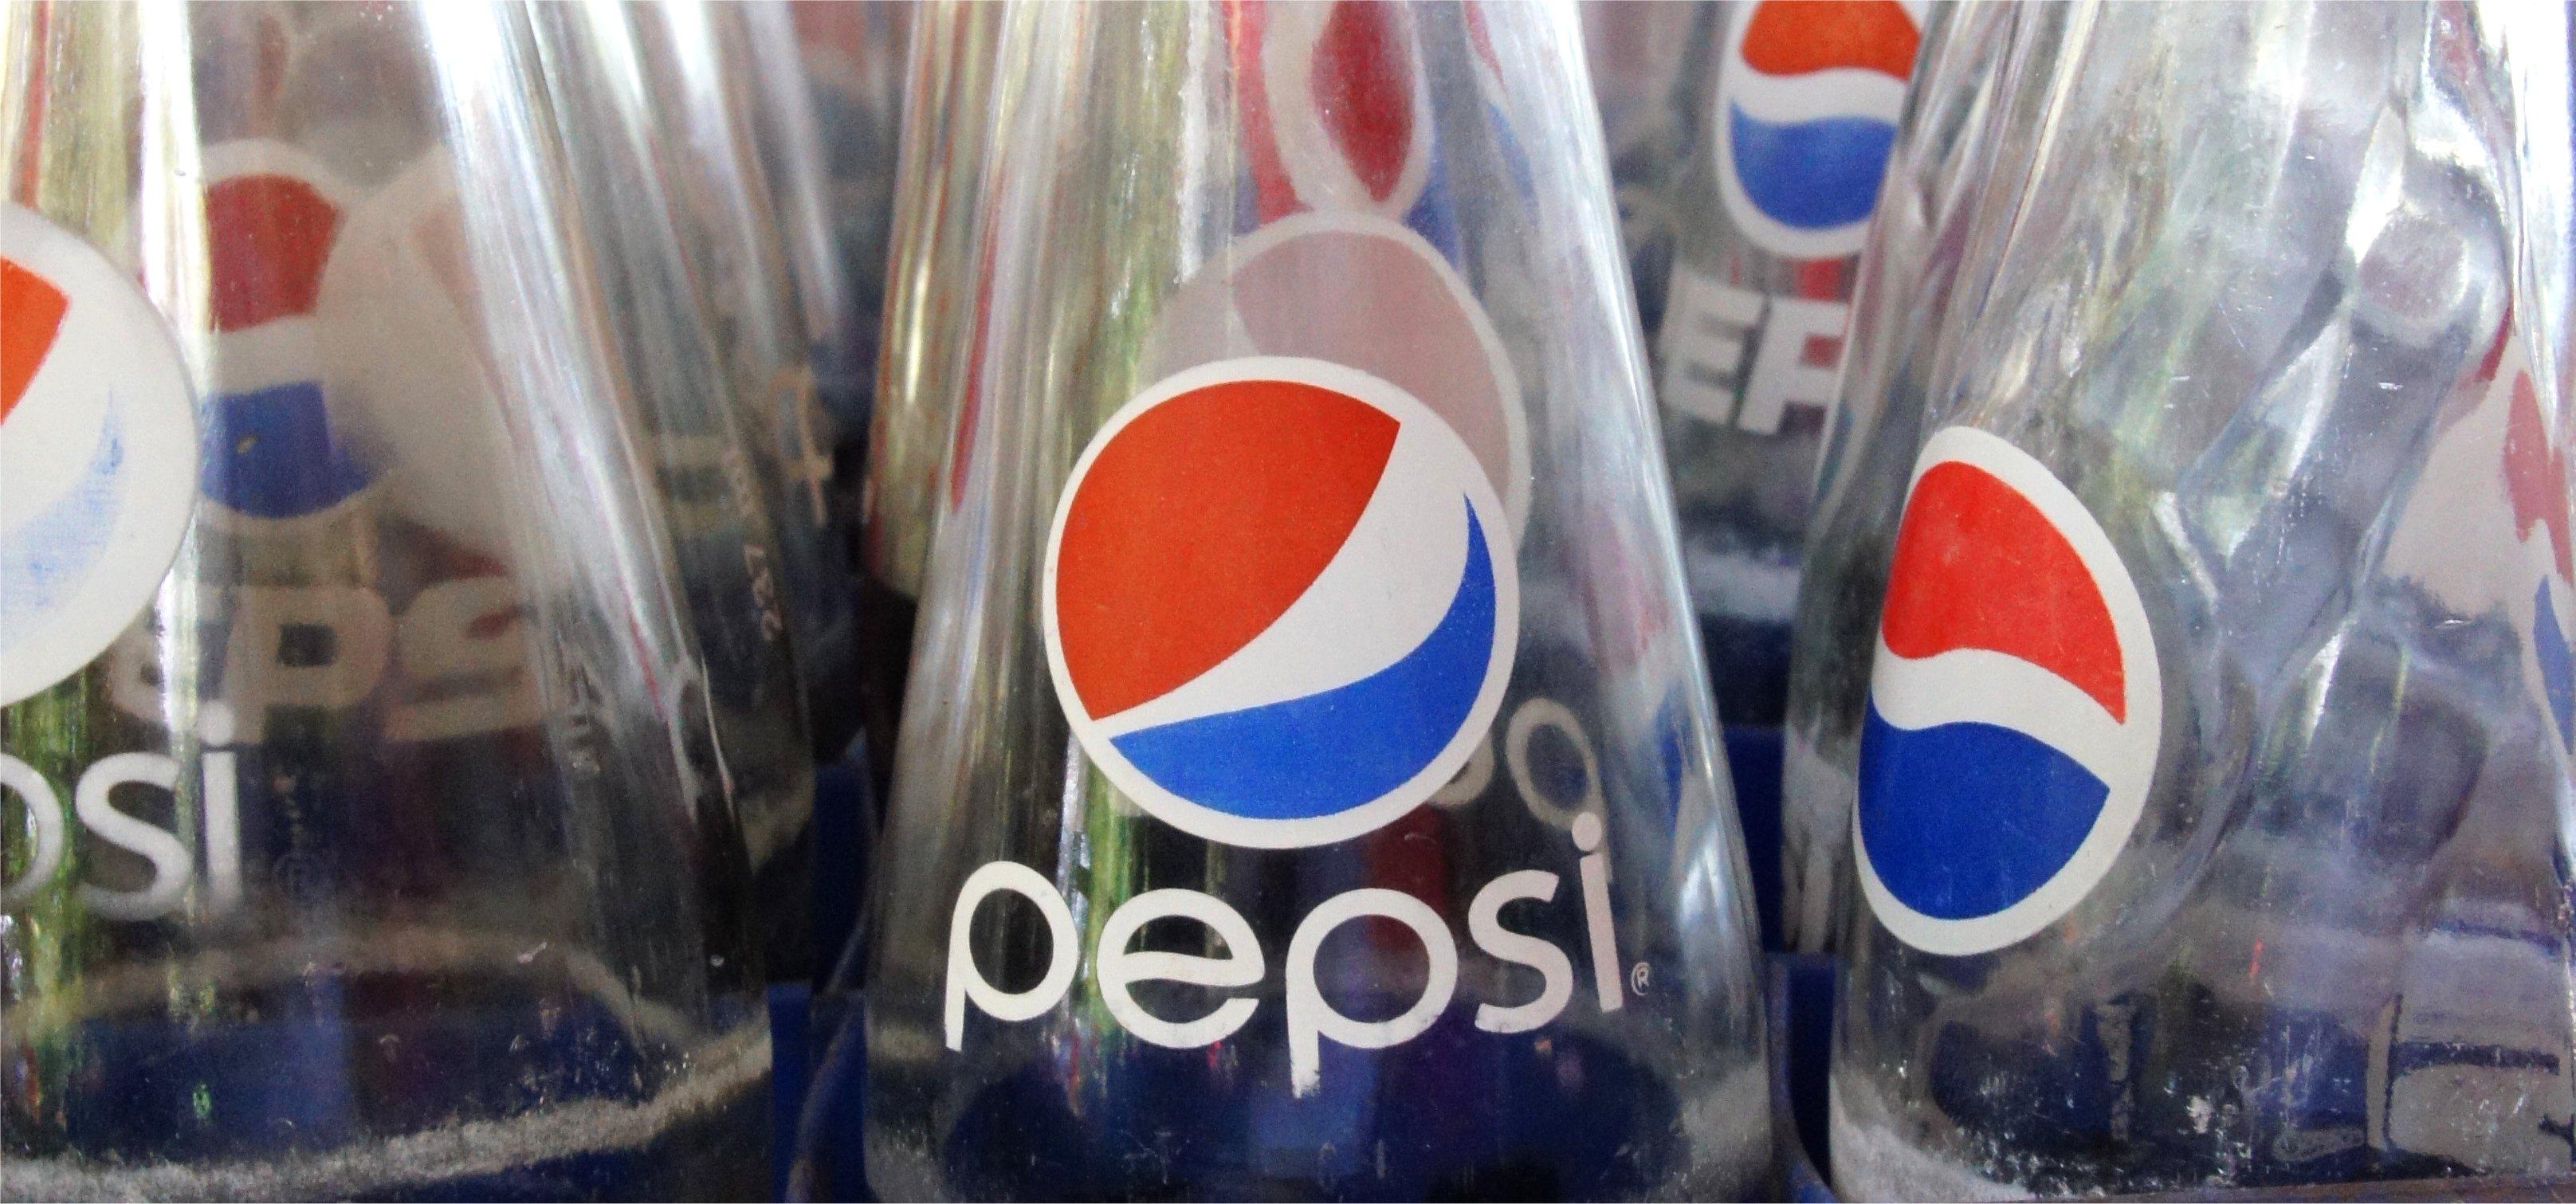 Glass Pepsi bottles.